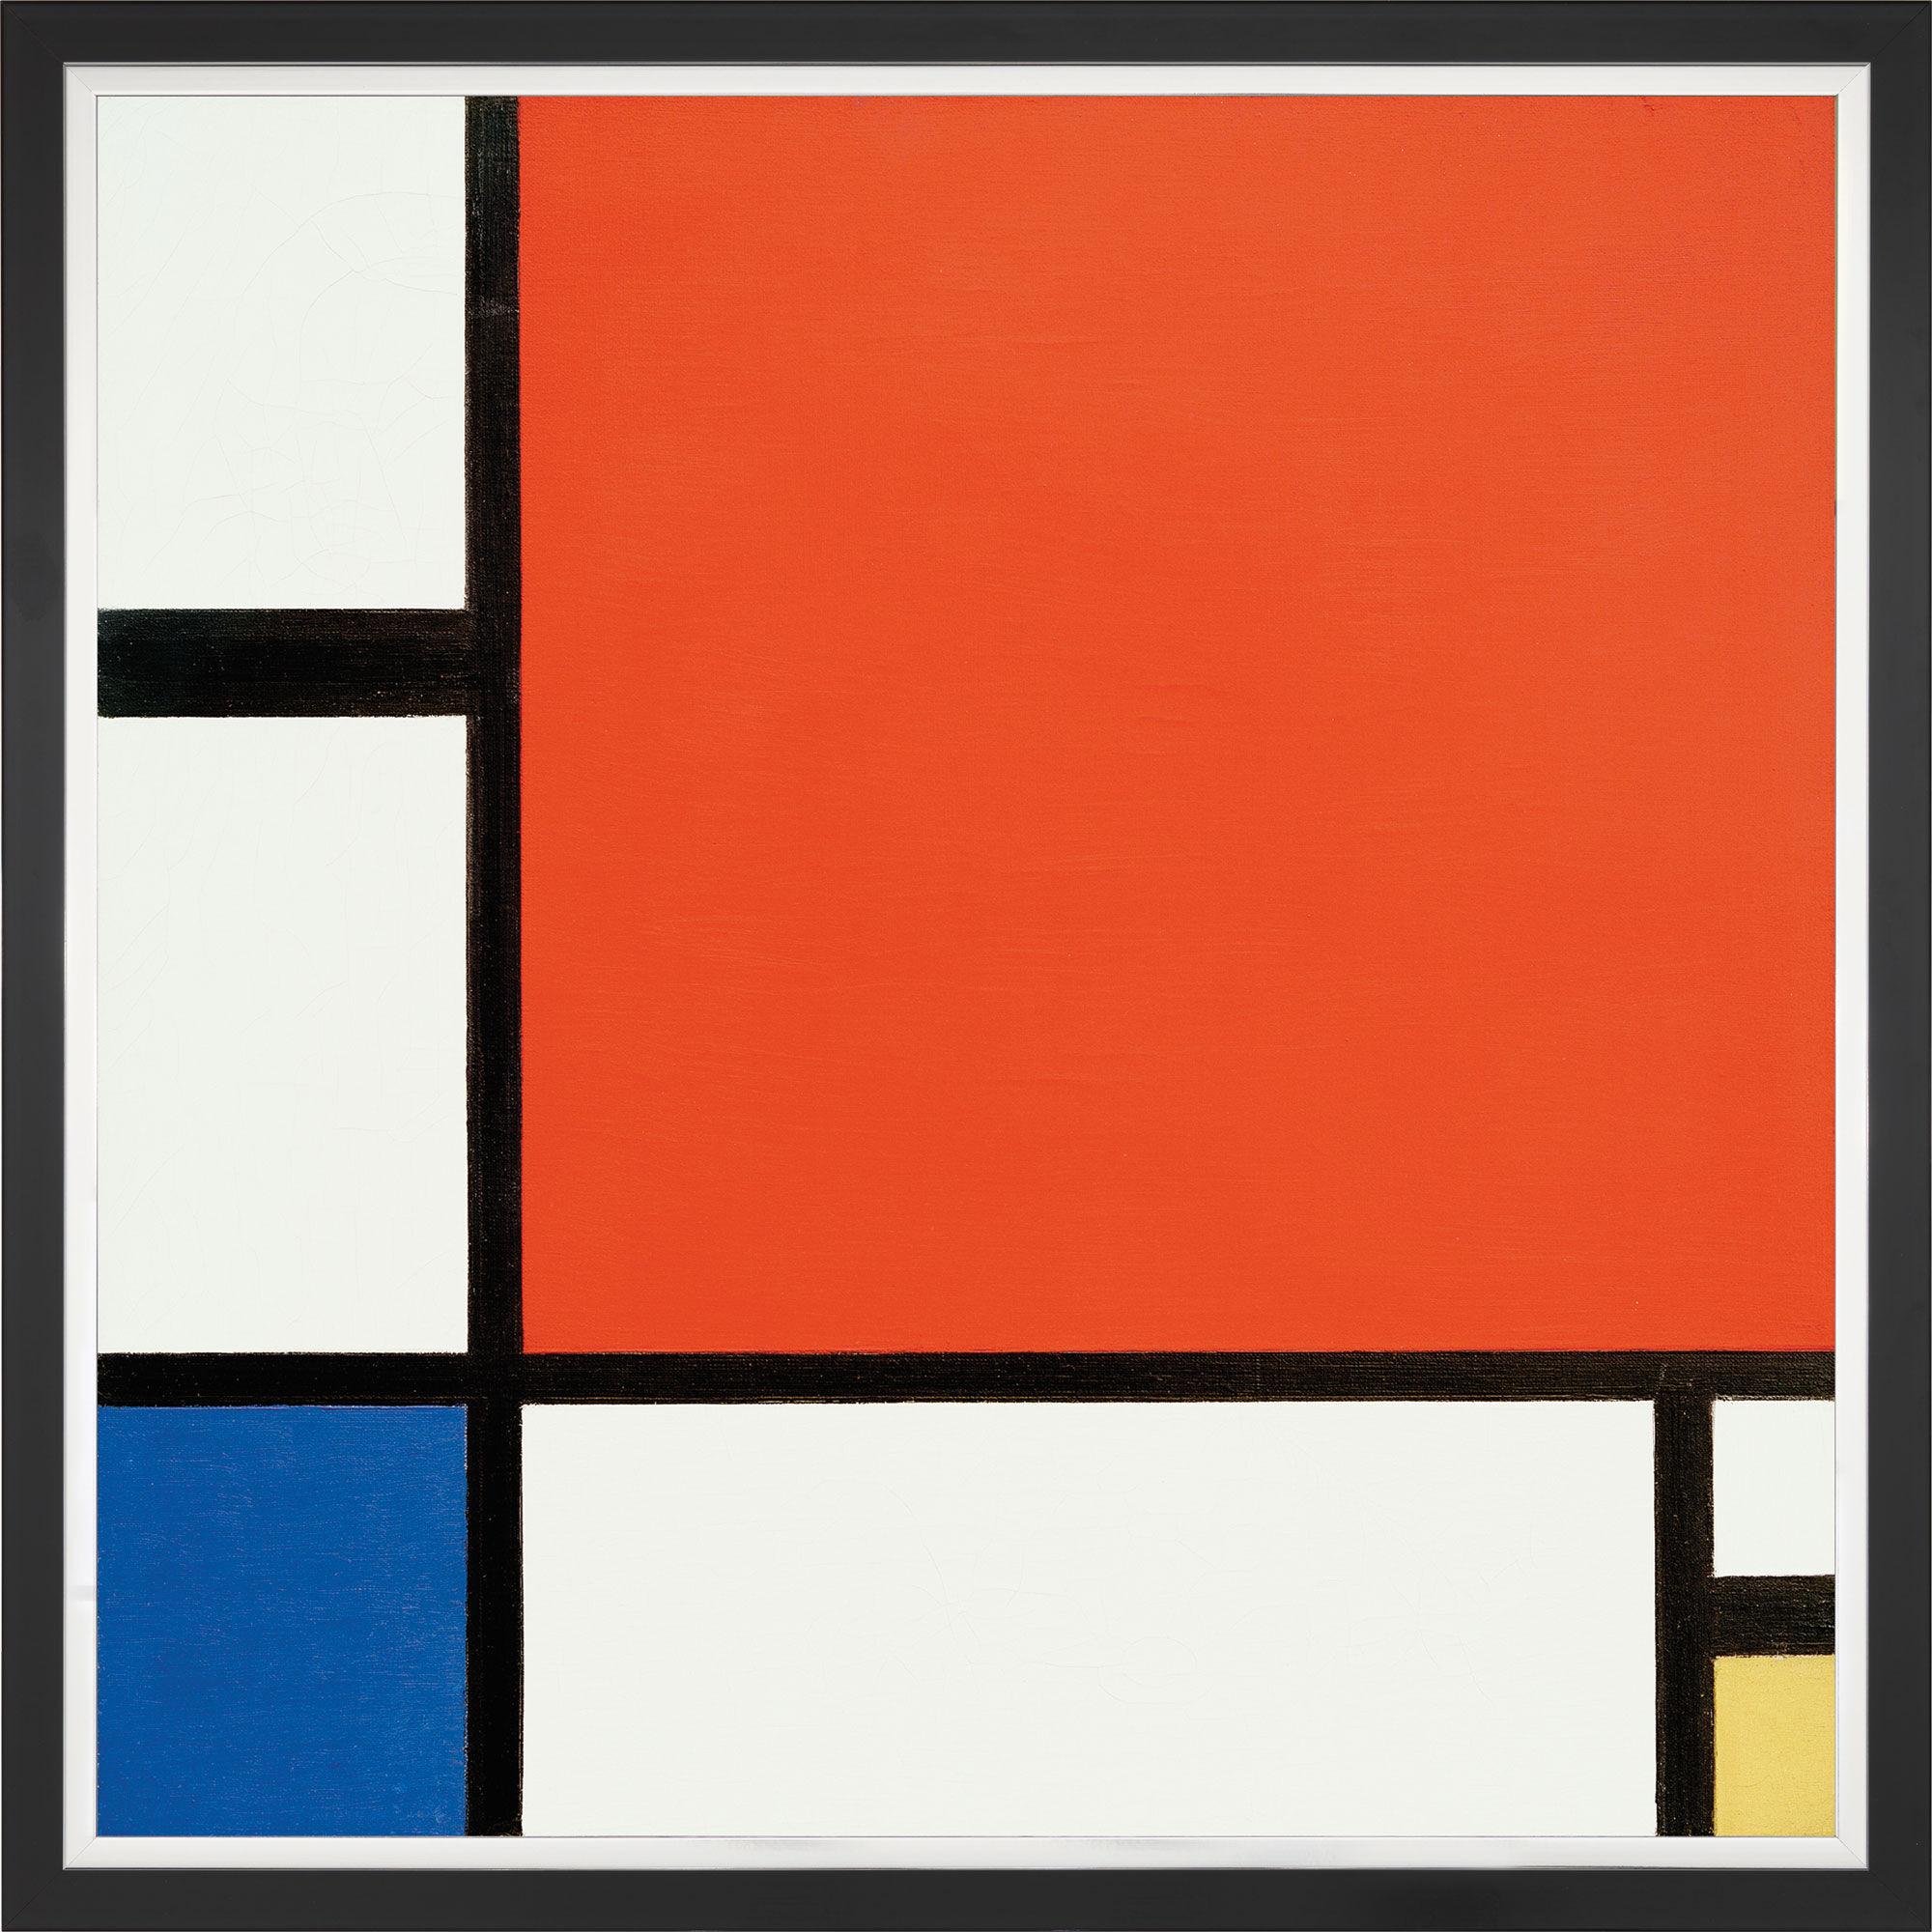 piet mondrian bild komposition in rot blau und gelb 1930 gerahmt ars mundi. Black Bedroom Furniture Sets. Home Design Ideas